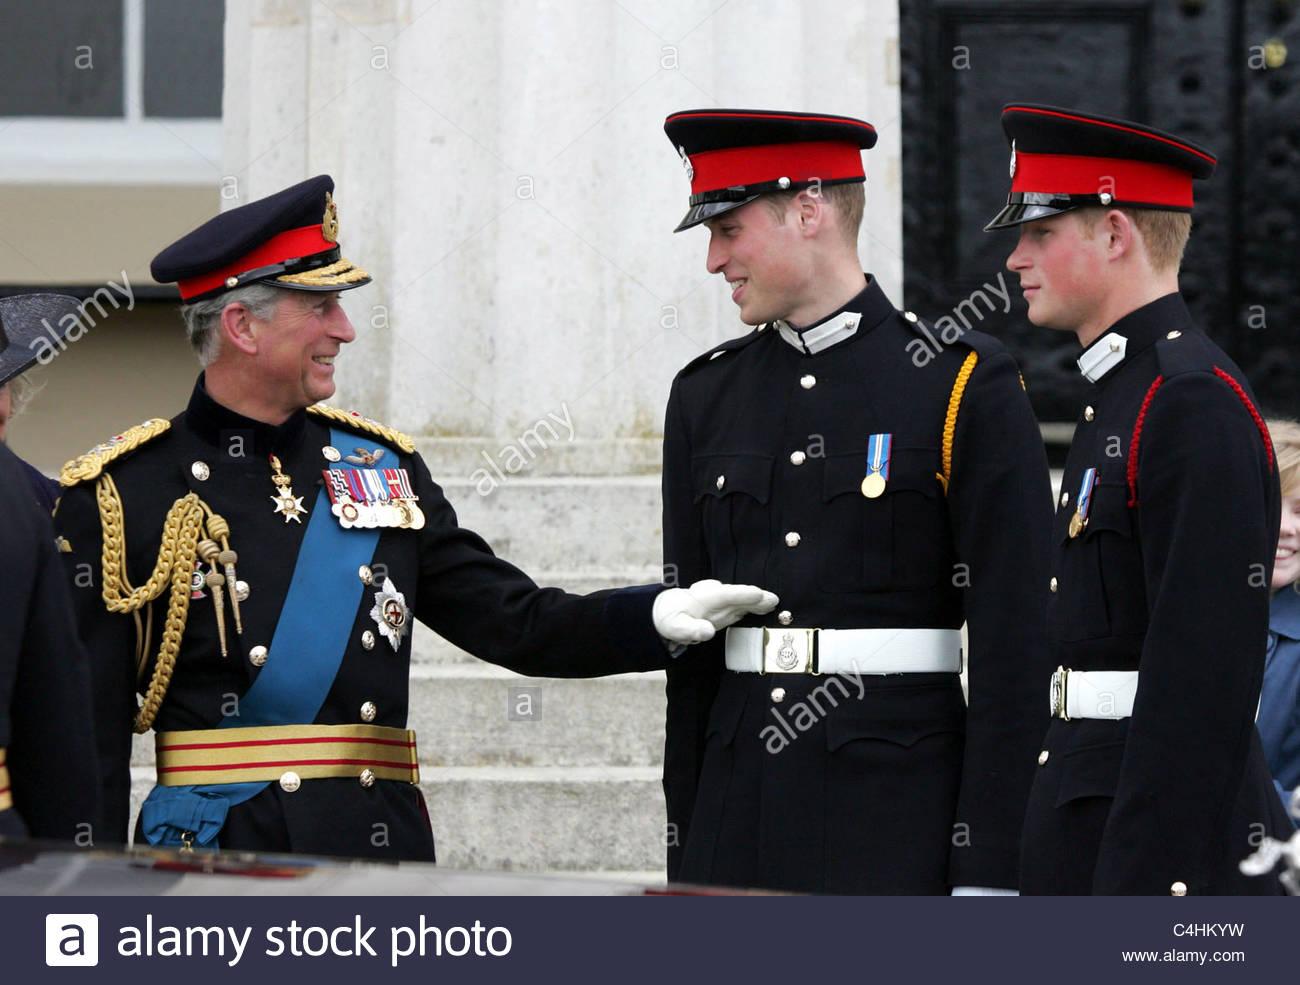 Cadet Officer Uniform 13